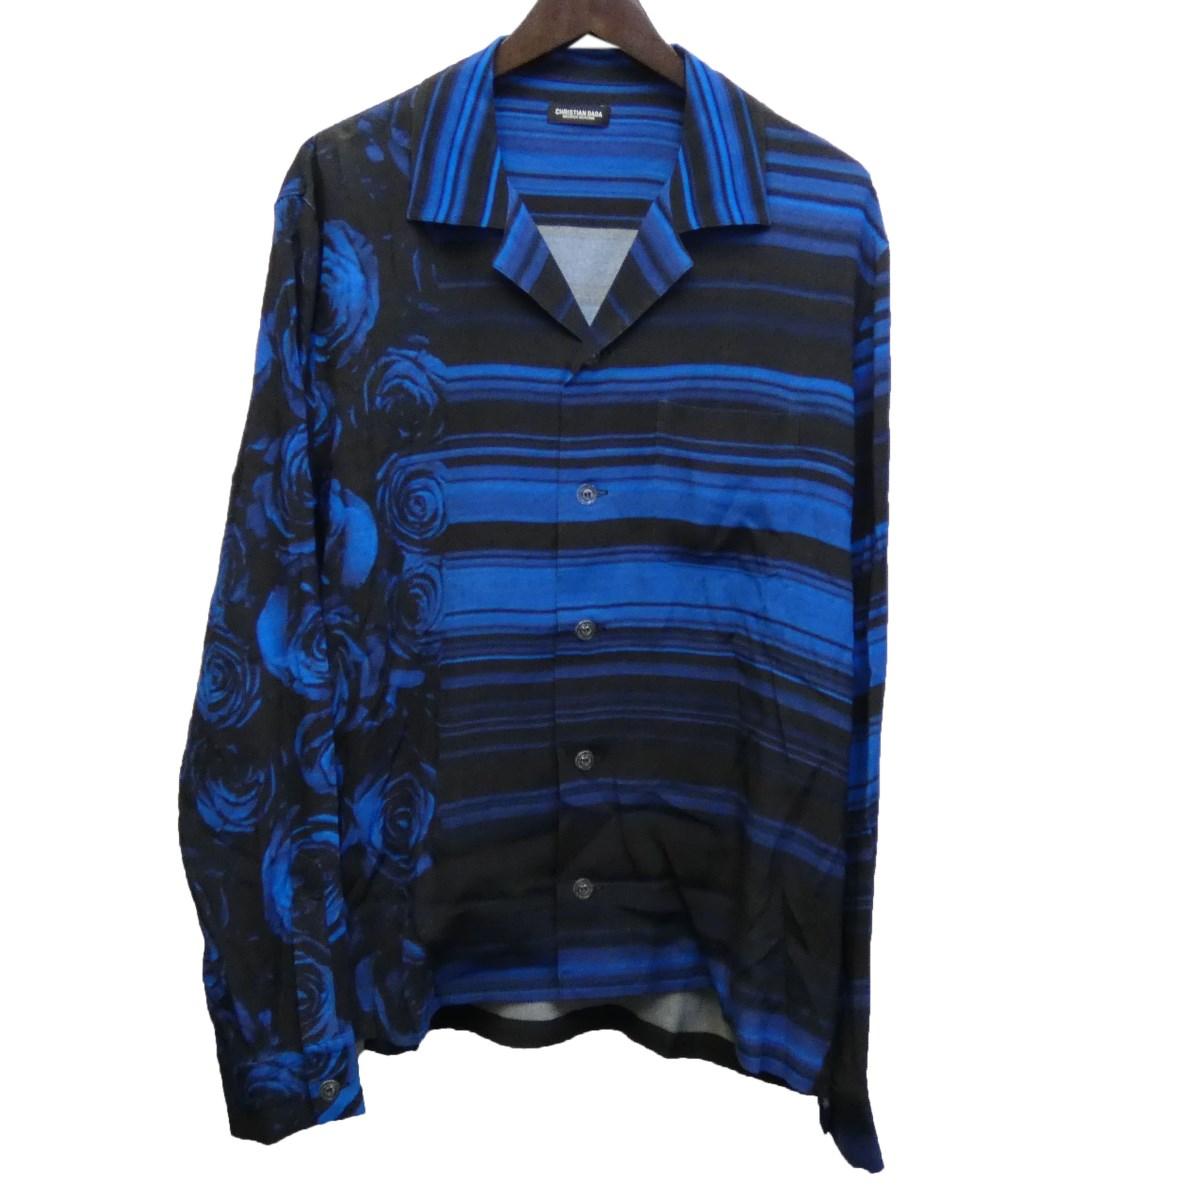 【中古】CHRISTIAN DADA 19AW ローズプリントレーヨンシャツ ブルー サイズ:48 【030320】(クリスチャンダダ)